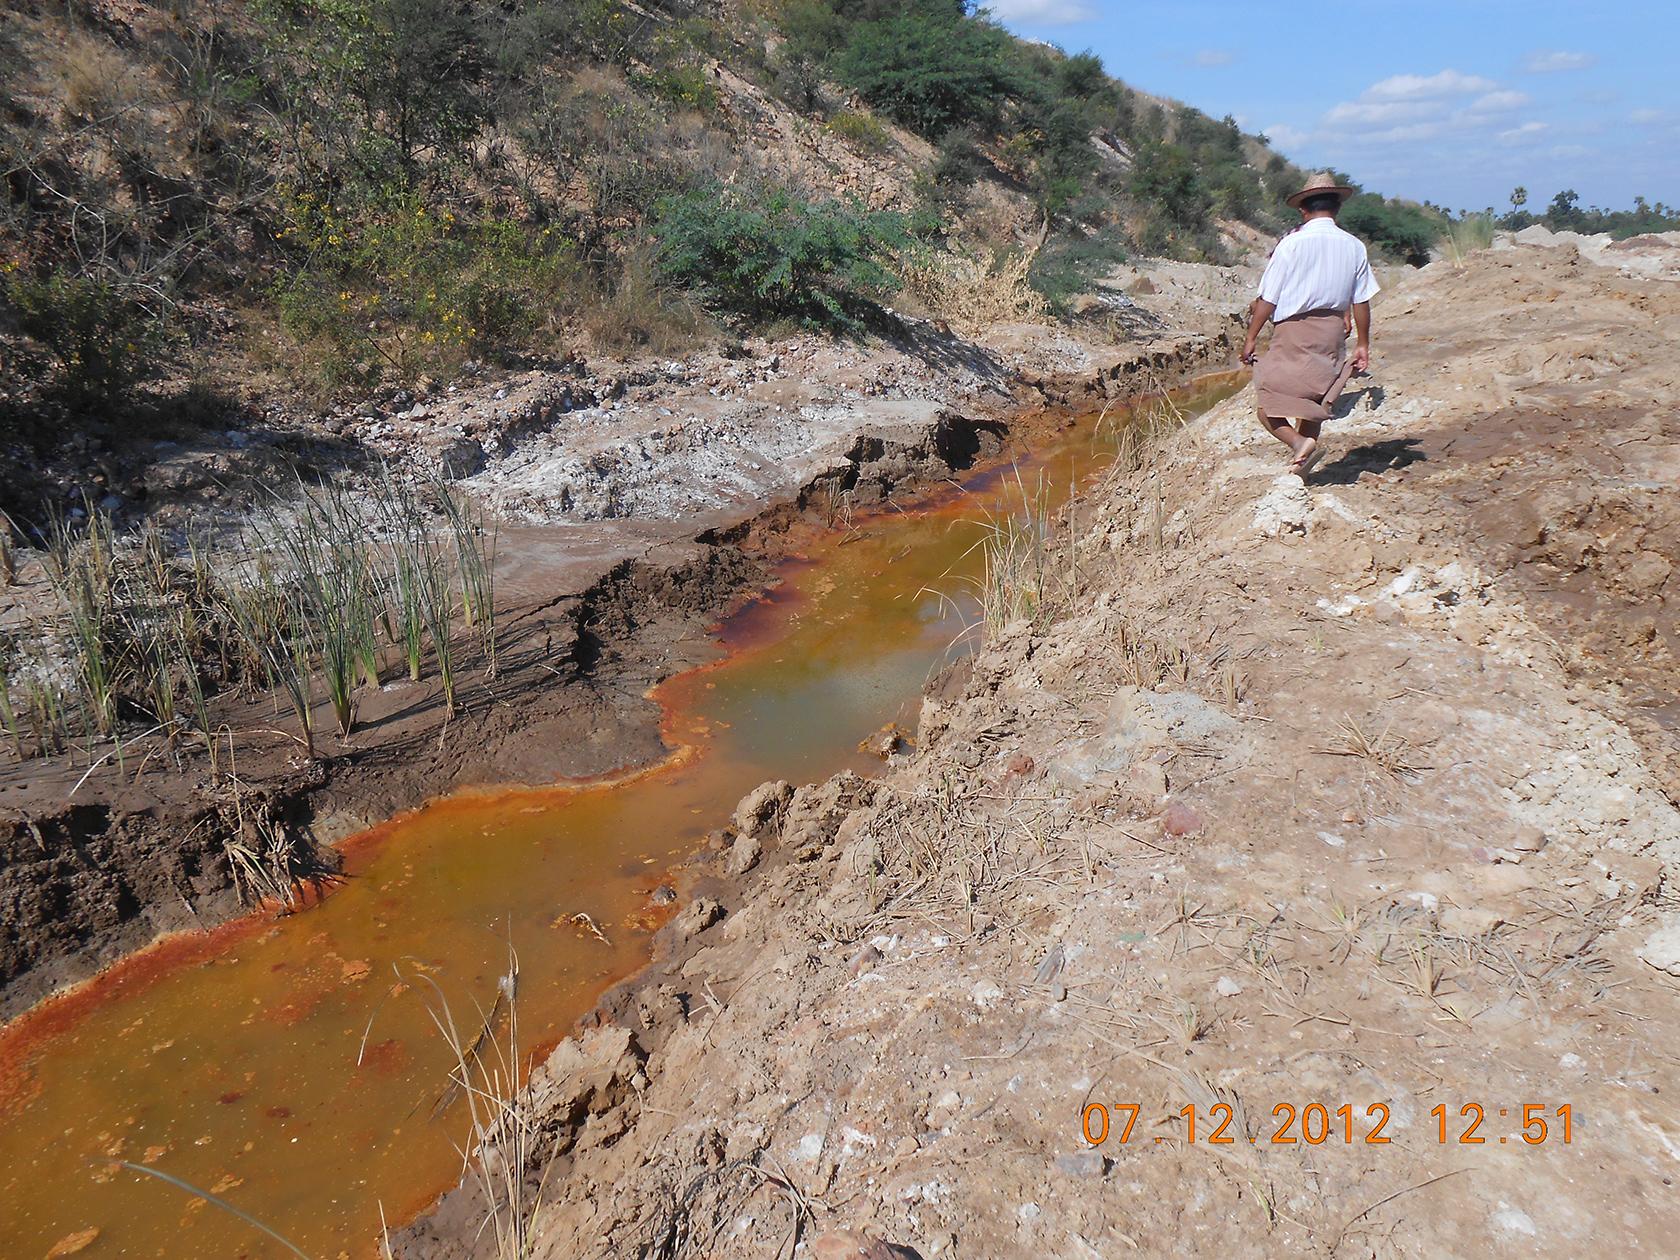 Un canal de drainage contenant des eaux colorées que les villageois disent provenir de la mine Sabetaung et Kyisintaung - décembre 2012